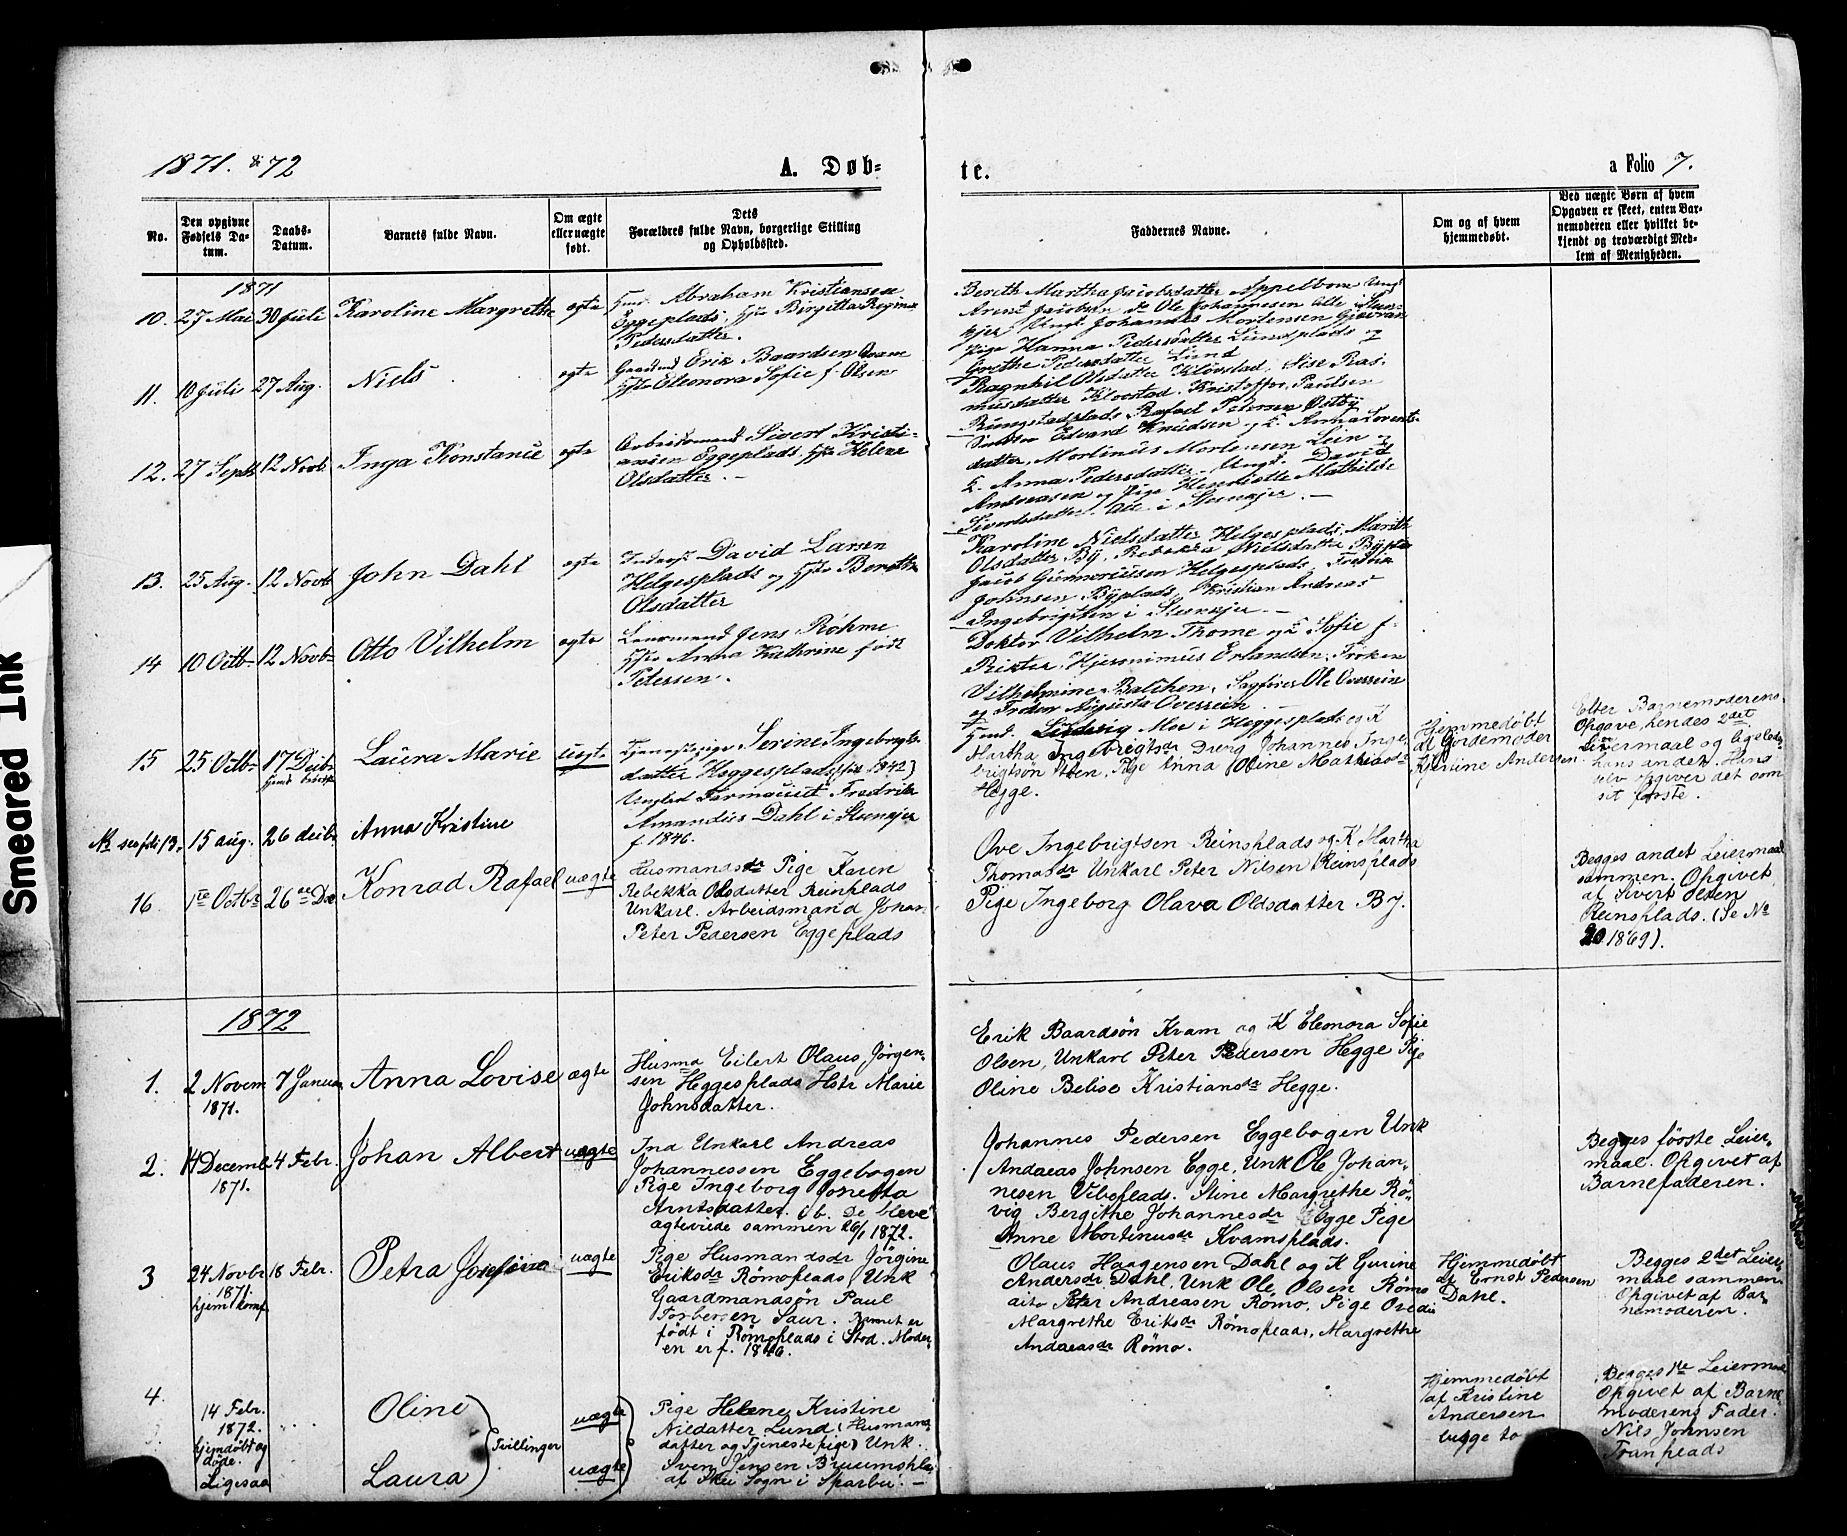 SAT, Ministerialprotokoller, klokkerbøker og fødselsregistre - Nord-Trøndelag, 740/L0380: Klokkerbok nr. 740C01, 1868-1902, s. 7